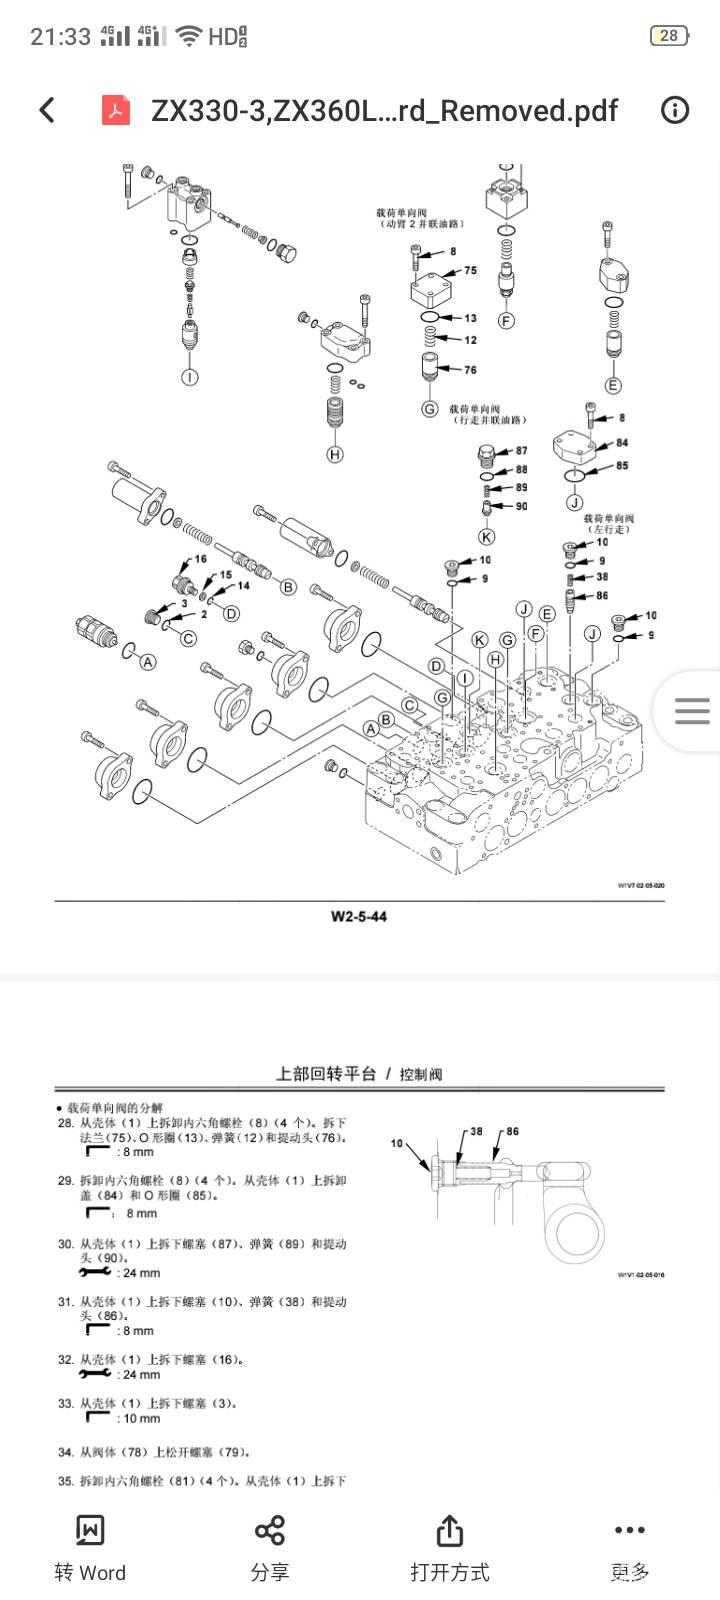 挖掘机维修资料-帖子图片